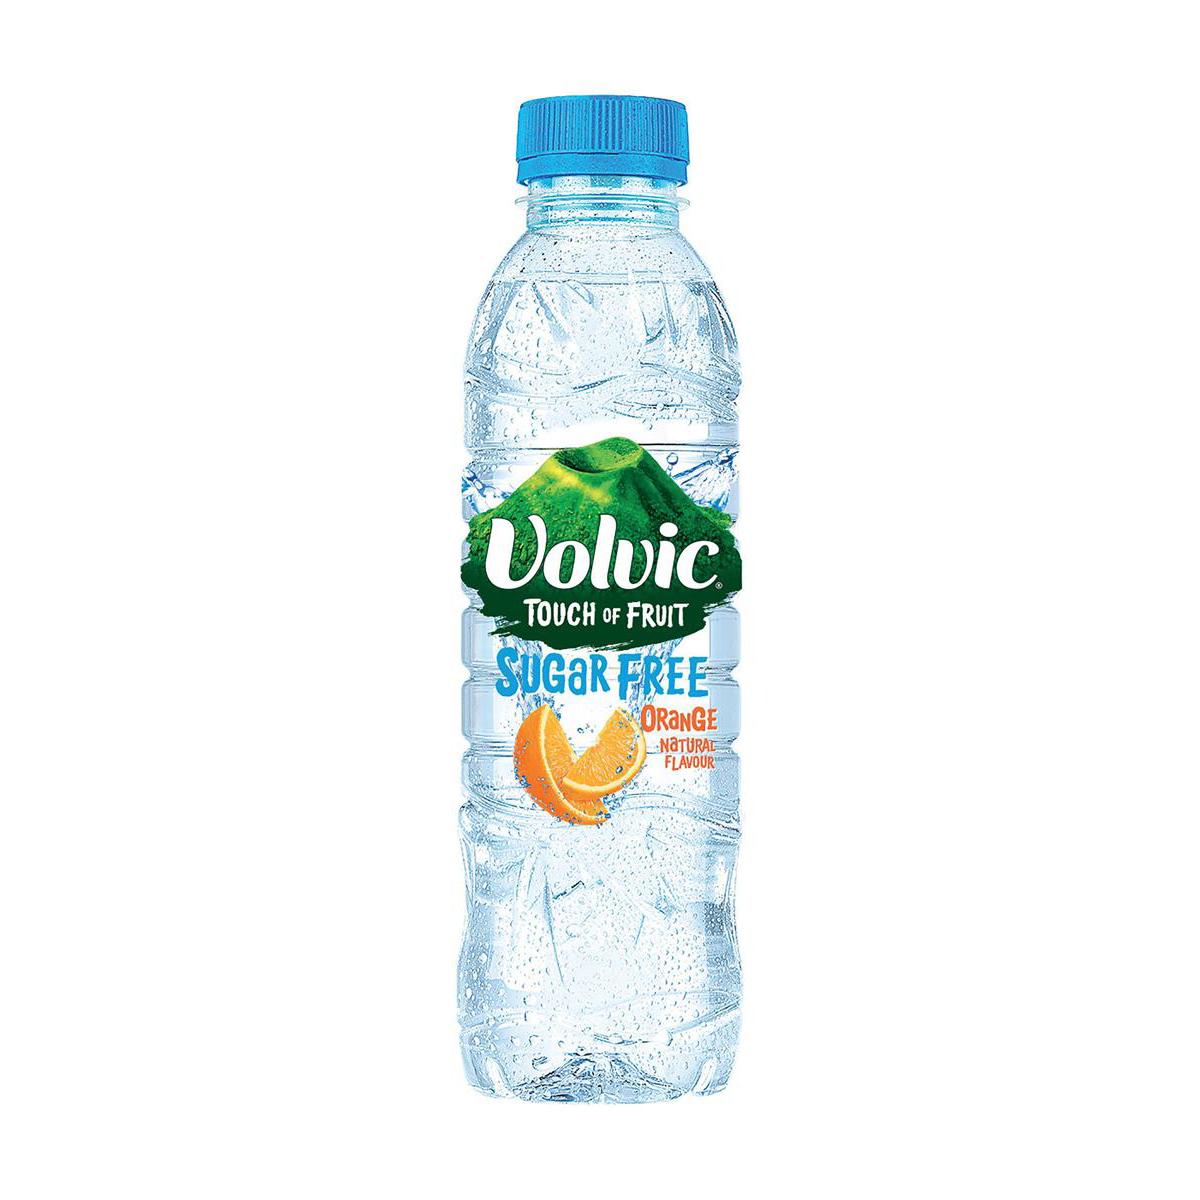 Volvic Touch of Fruit Water Sugar Free Still Orange 500ml Ref 122439 [Pack 12]